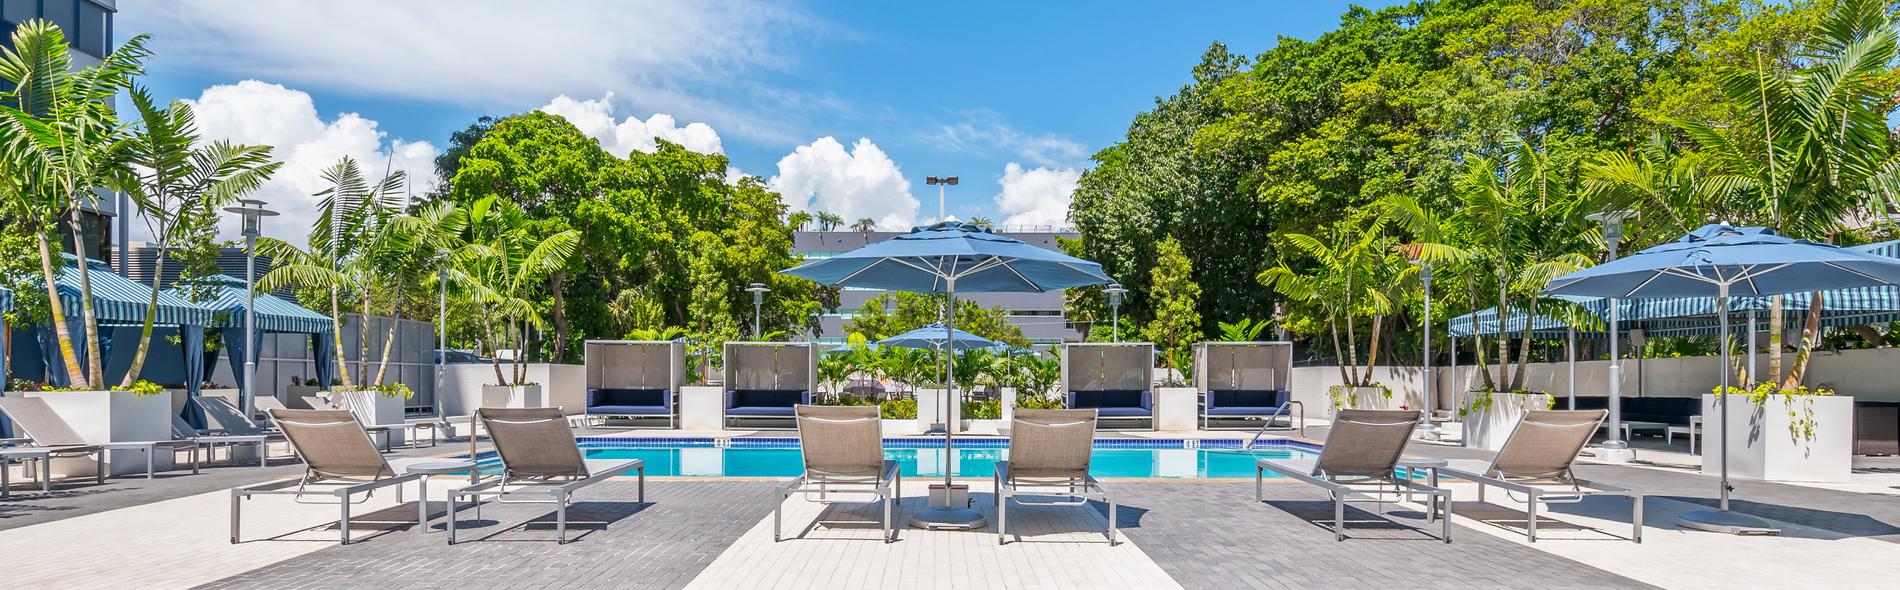 Bayshore Grove Apartments in Miami